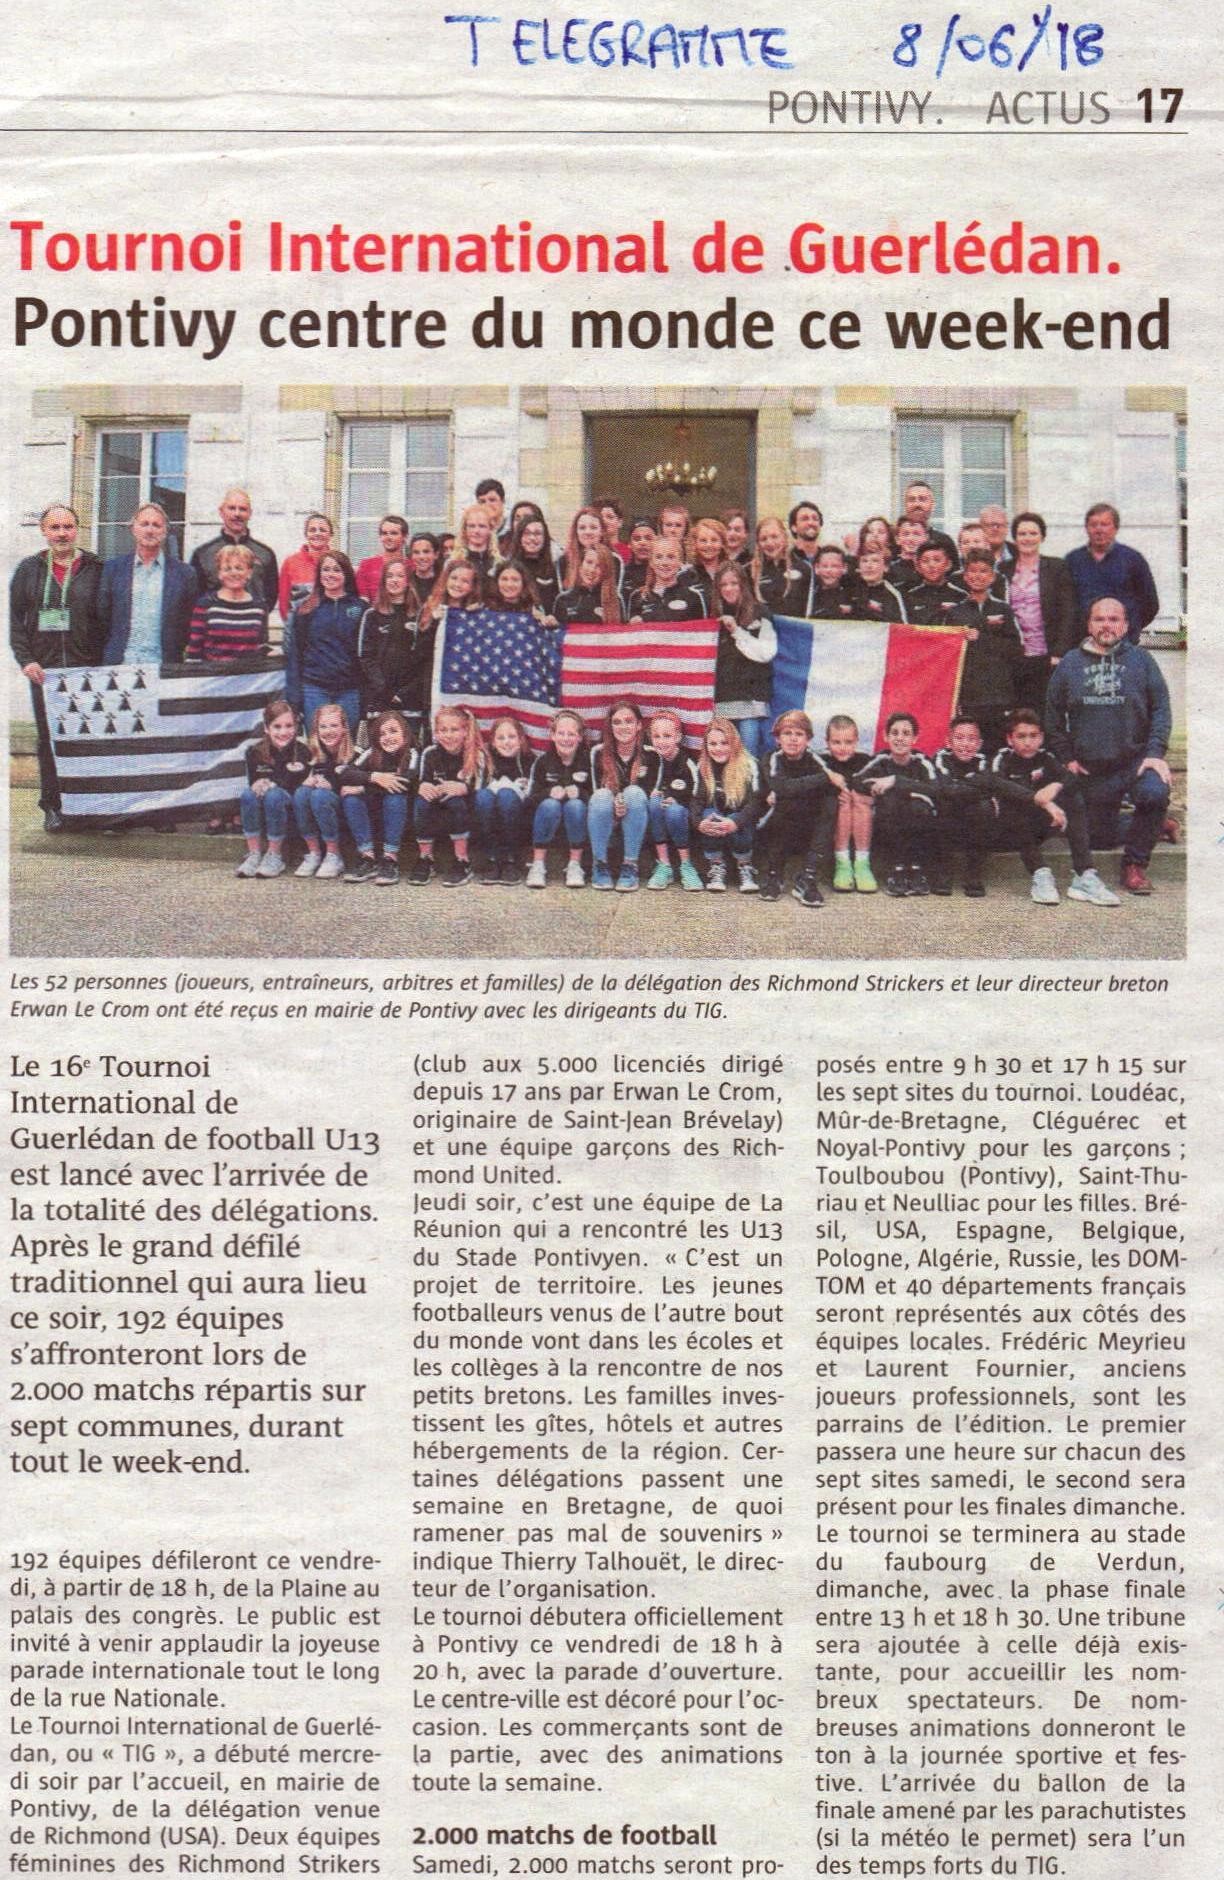 presse2018-usa-mairie_pontivy2018